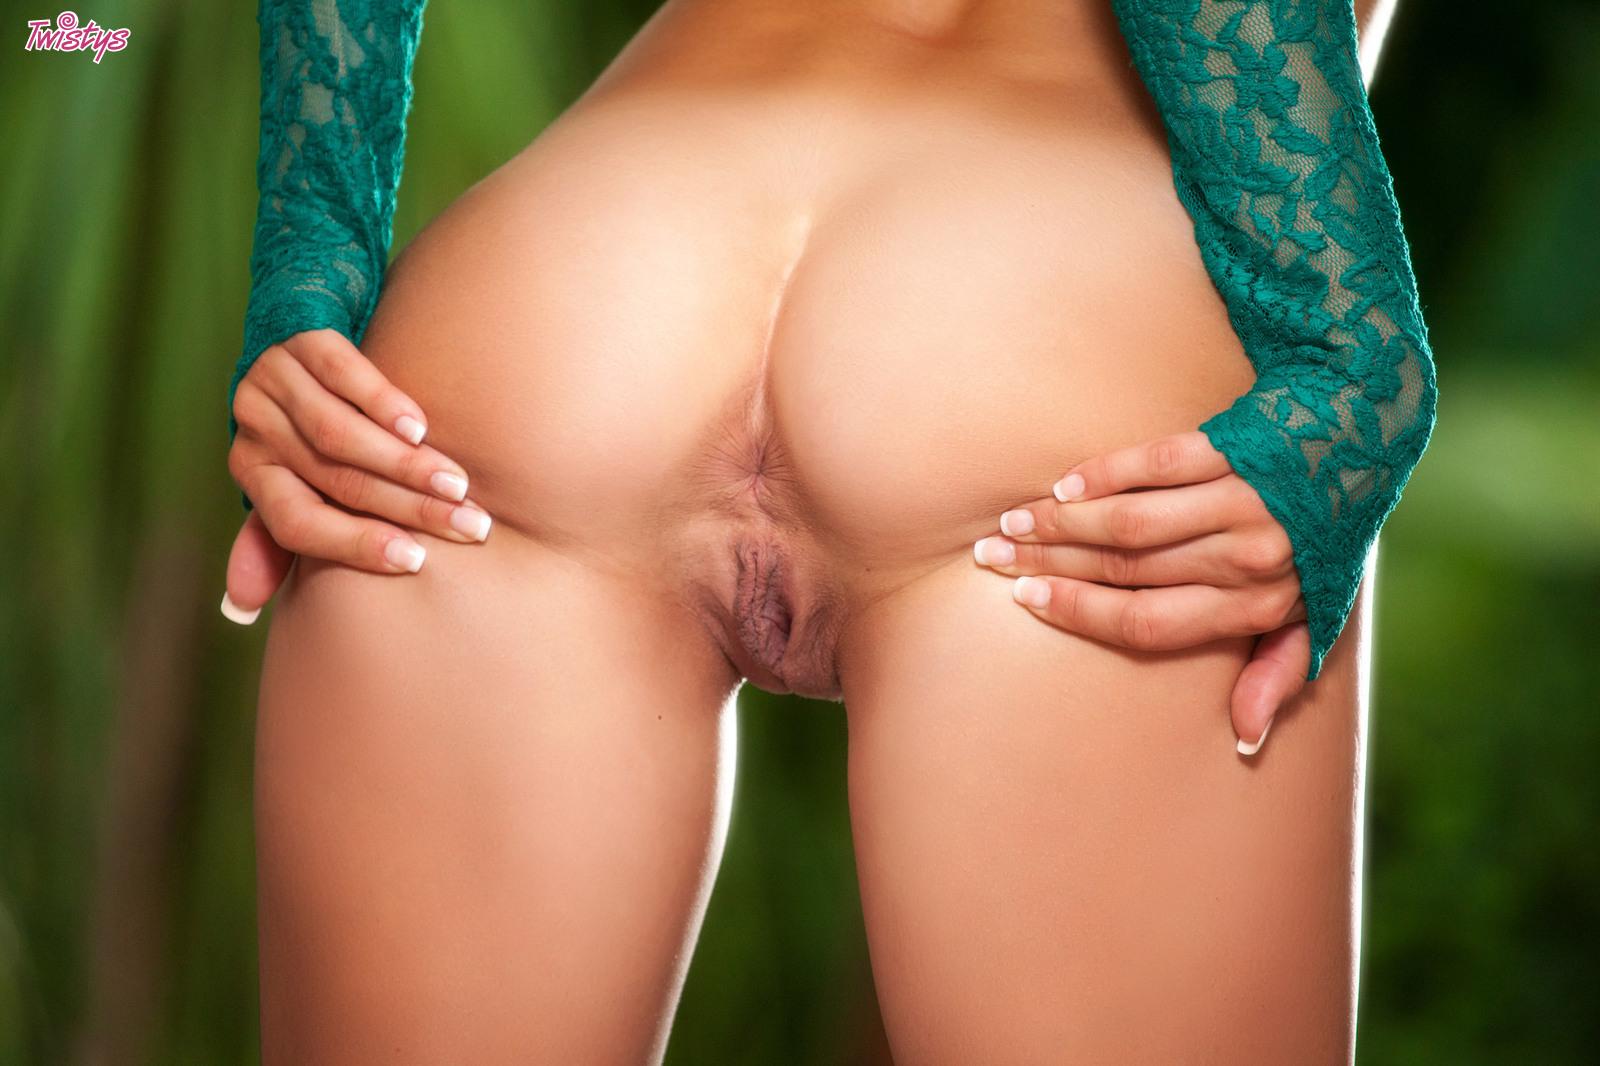 Ryan Ryans Moans When Fingering Her Juicy Pussy 51007